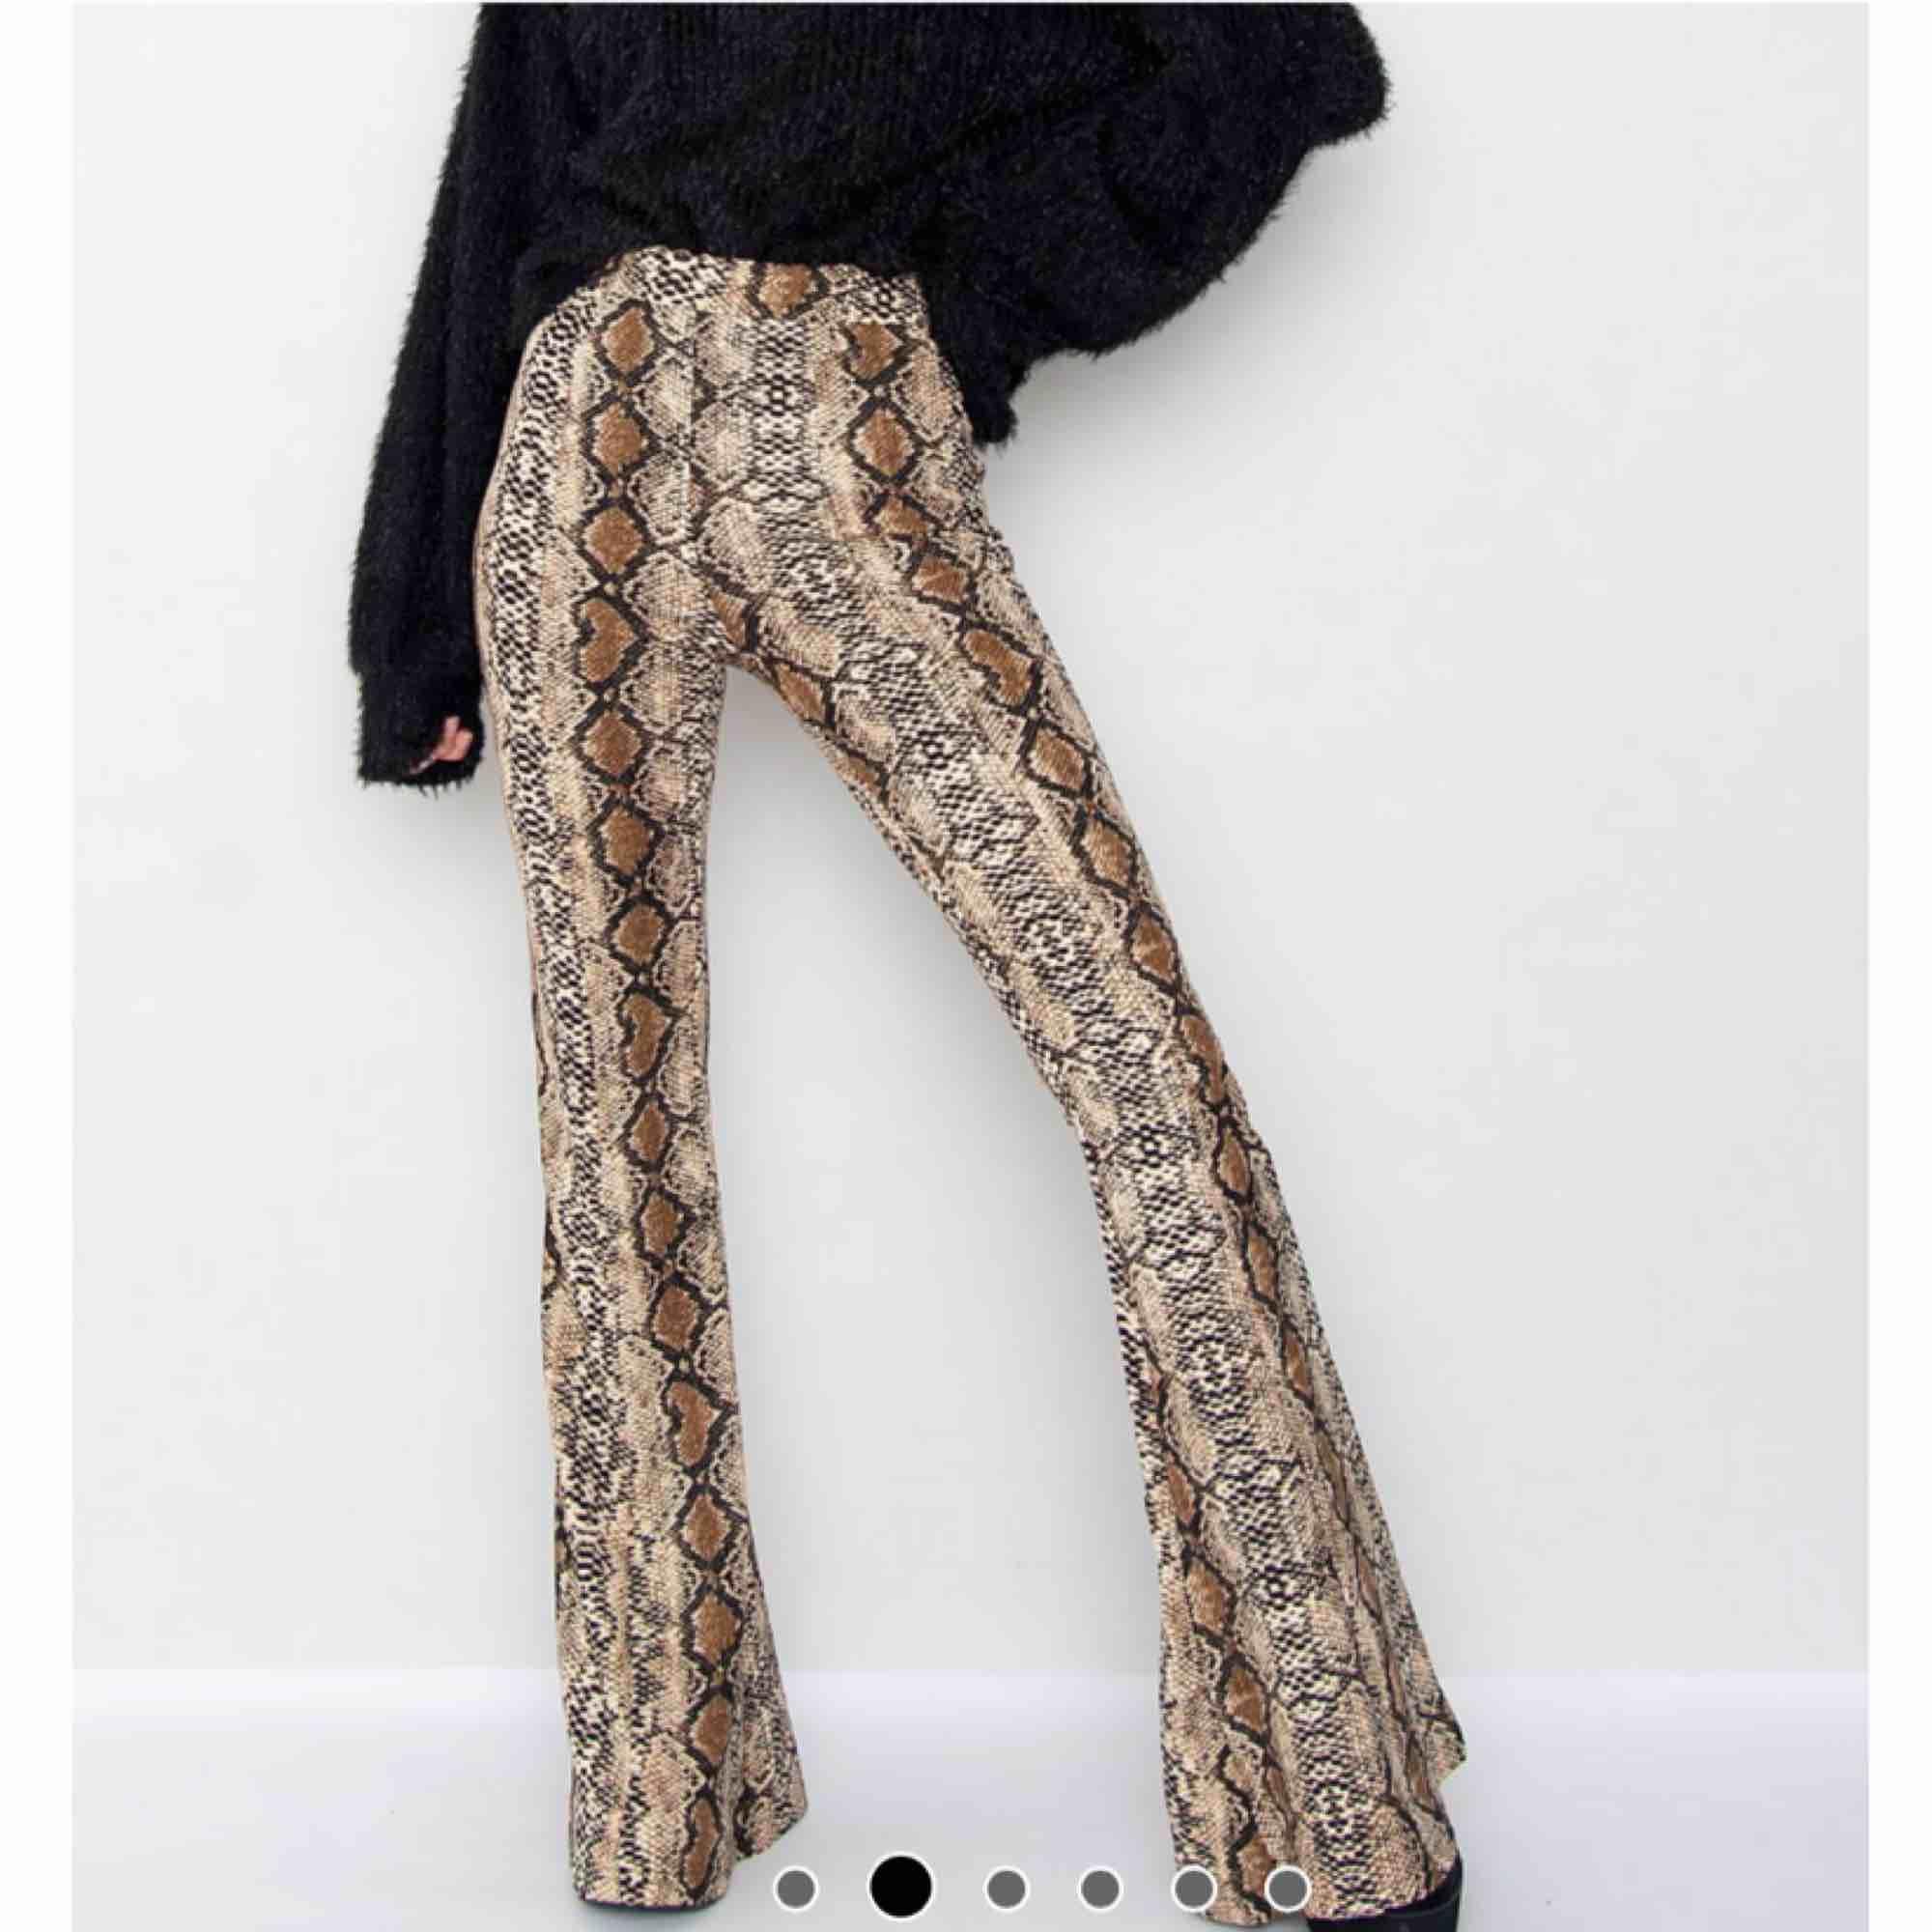 Snakeprint byxor från JFR strl S, använda 1 gång. Dem är högmidjade och har slittsar (?) på bägge smalbenen. Nytt pris 499kr, säljer för 100kr. Frakten ligger på 69kr. Jeans & Byxor.